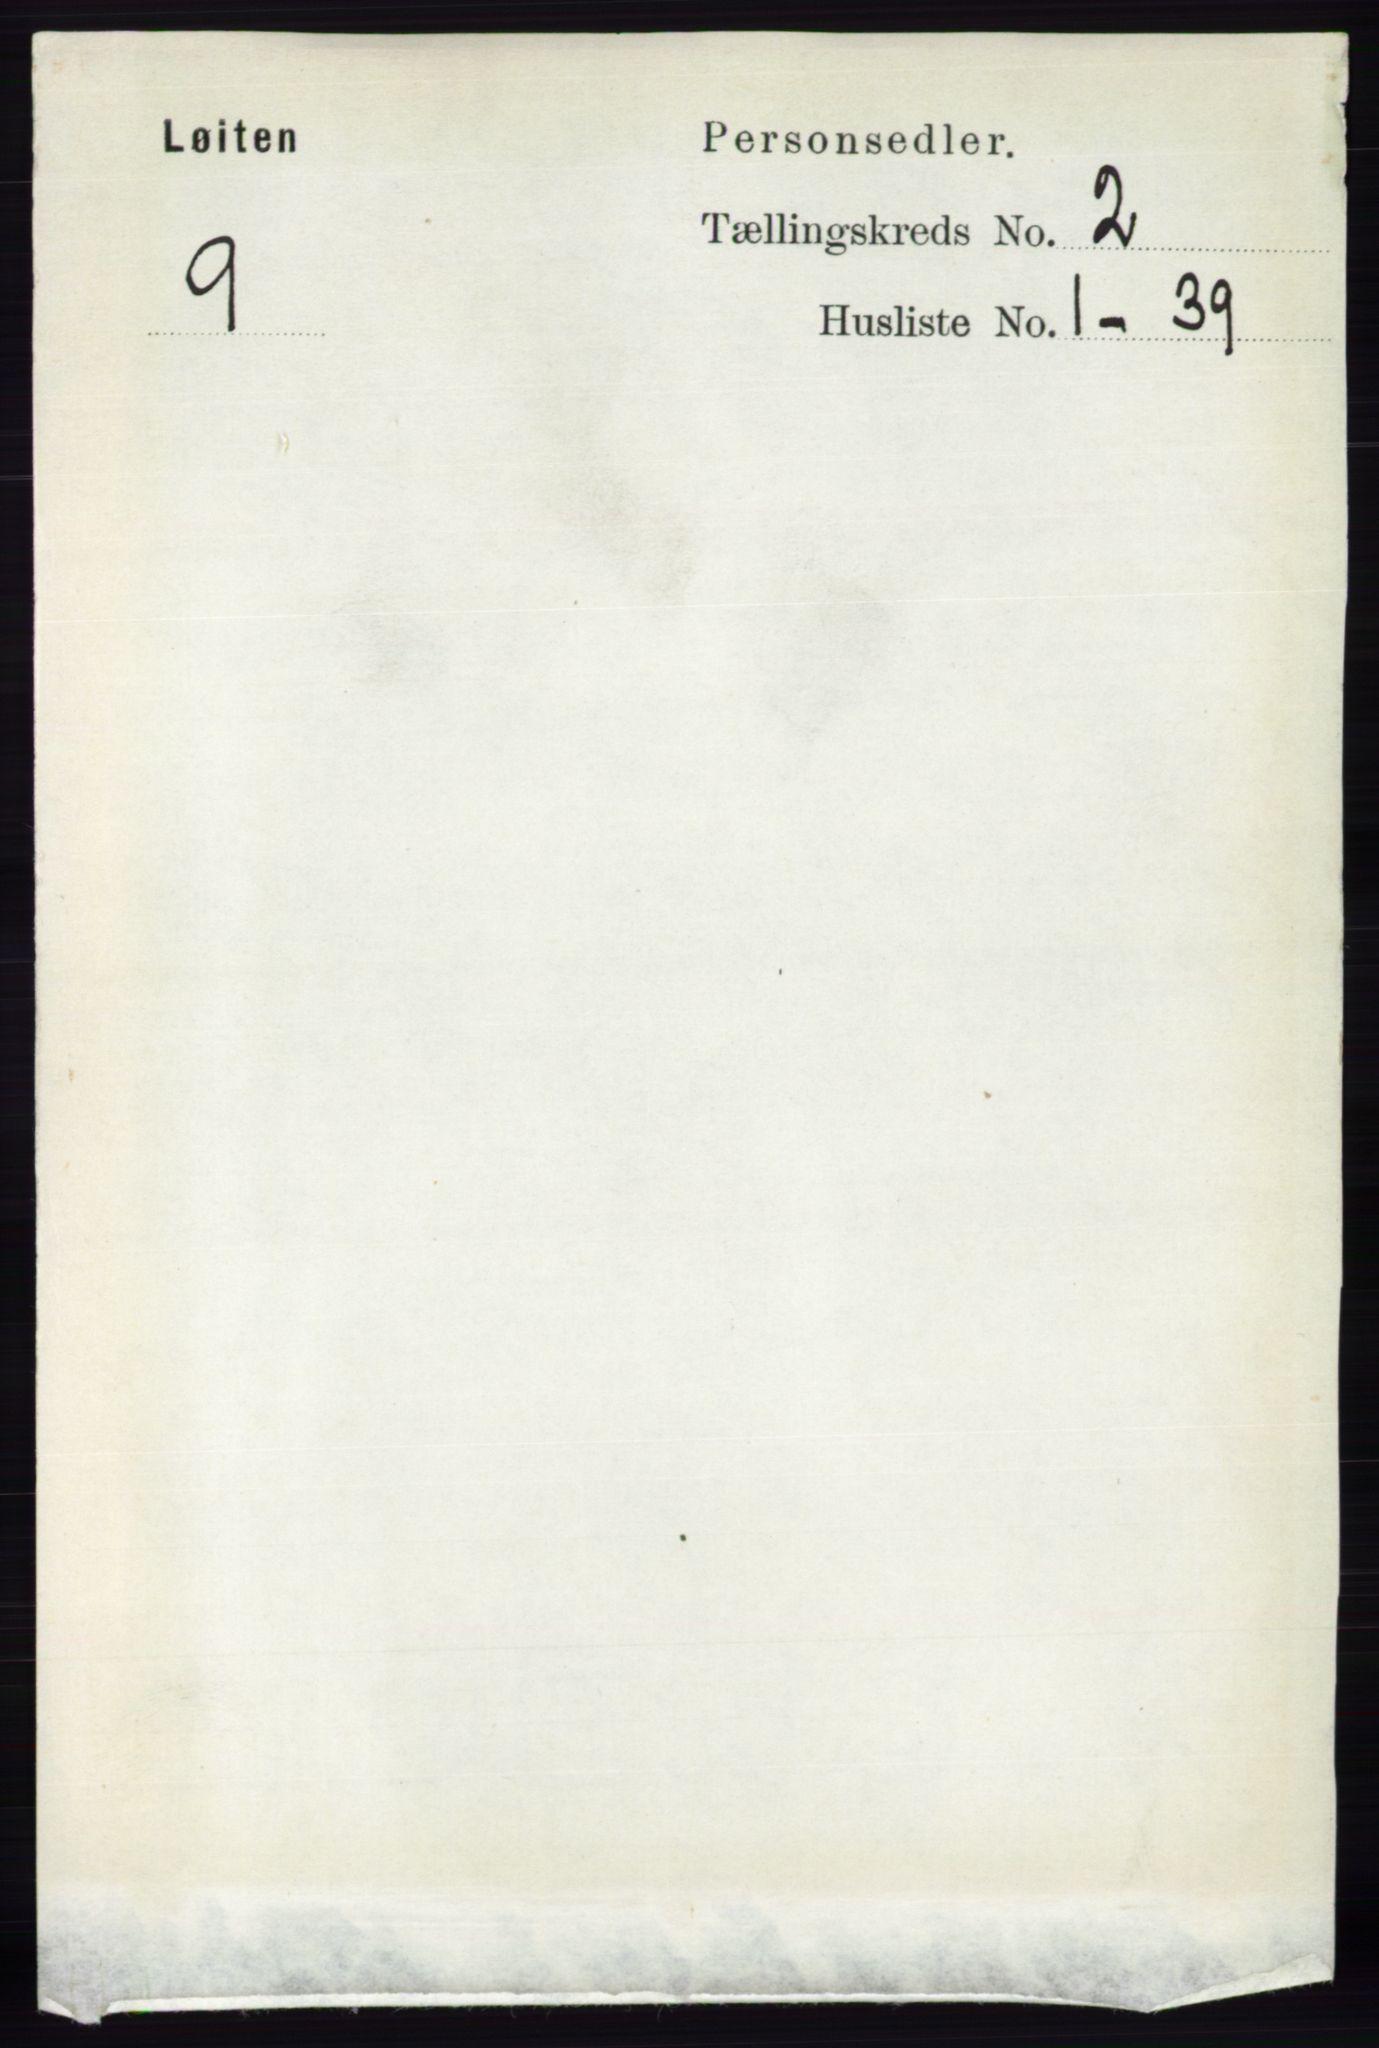 RA, Folketelling 1891 for 0415 Løten herred, 1891, s. 1484